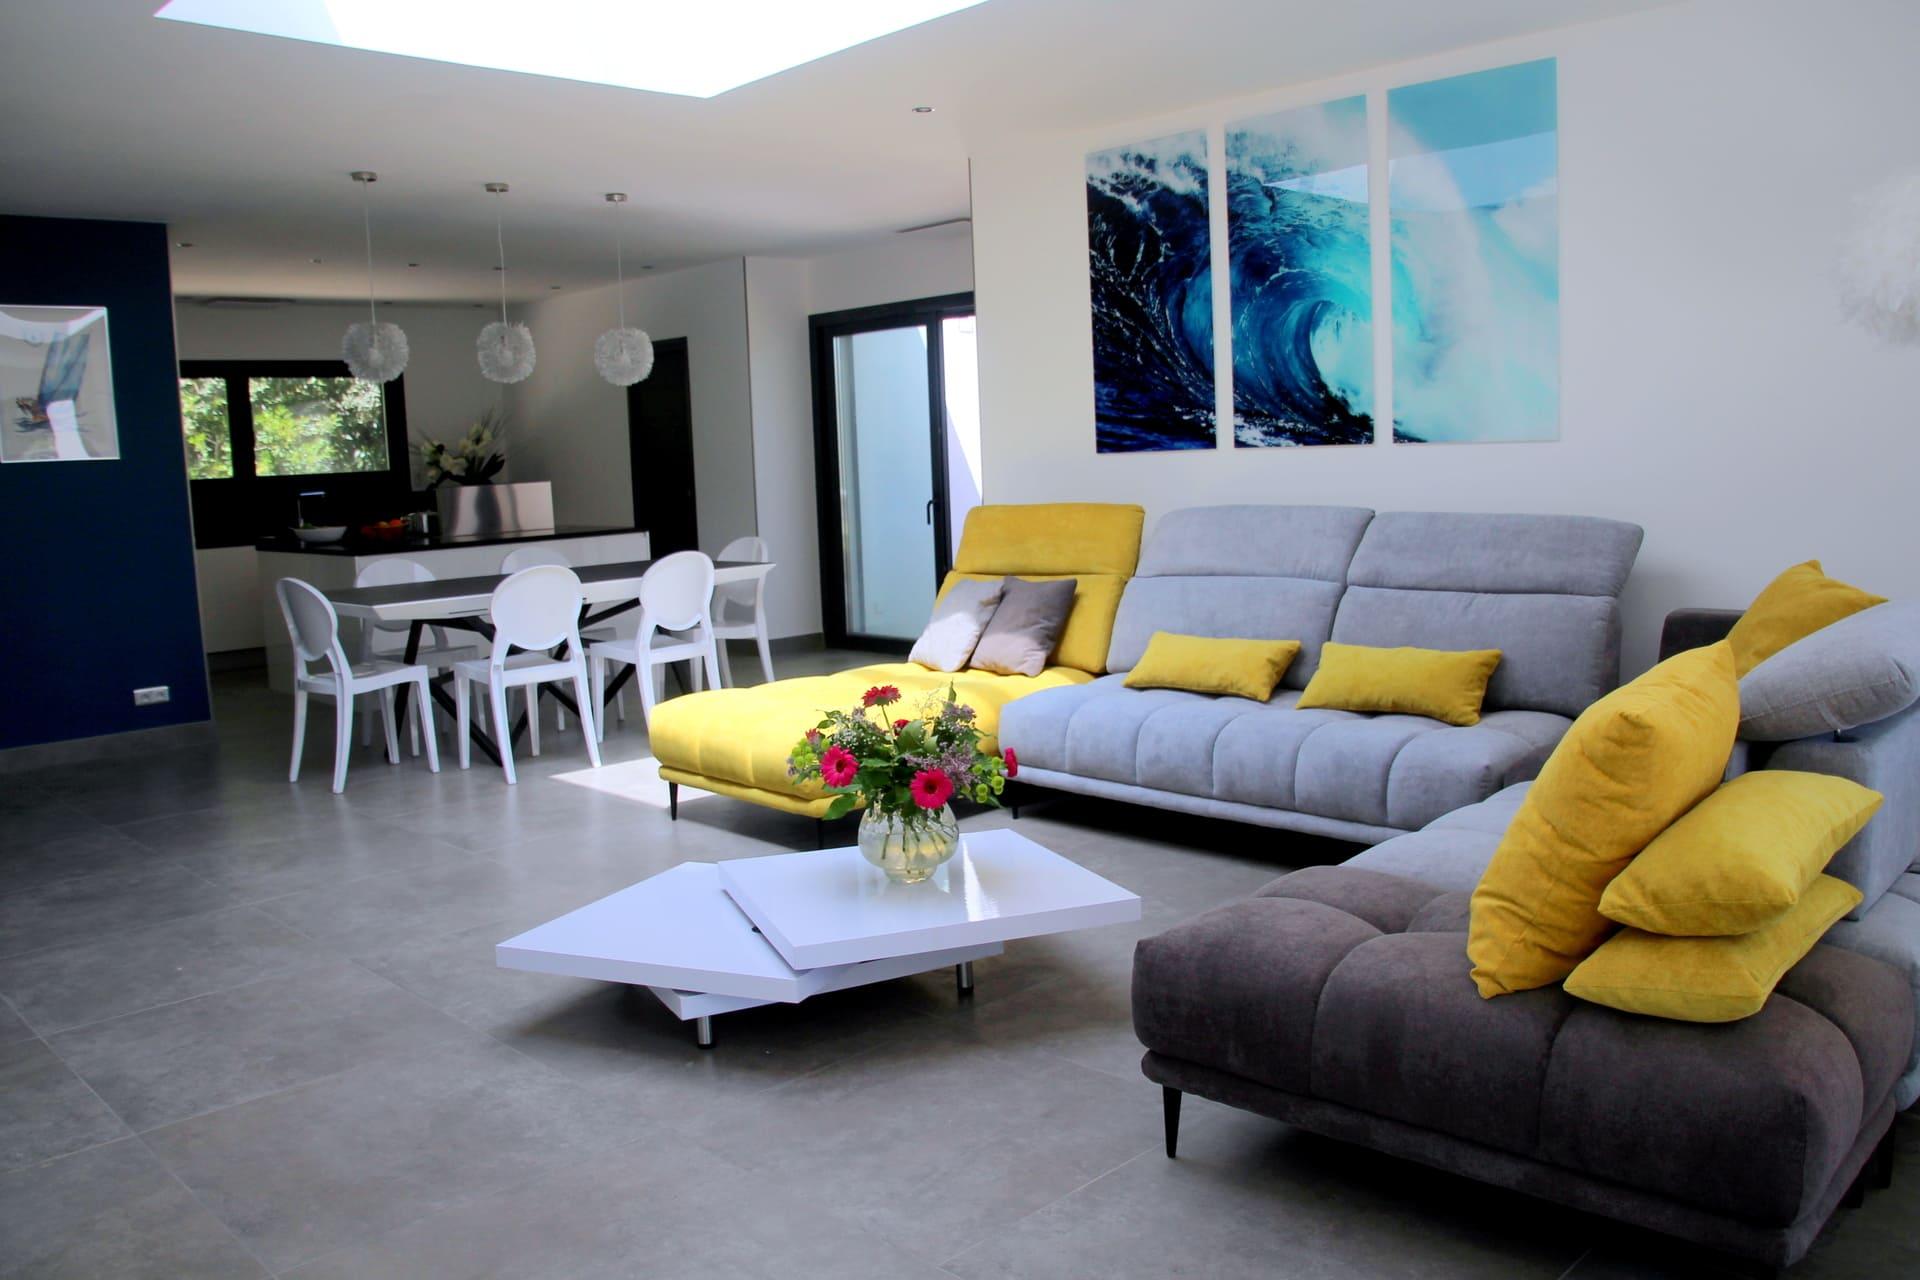 salon salle à manger et cuisine dans le même volume de cette villa en location saisonnière proche de Montpellier Esprit du sud